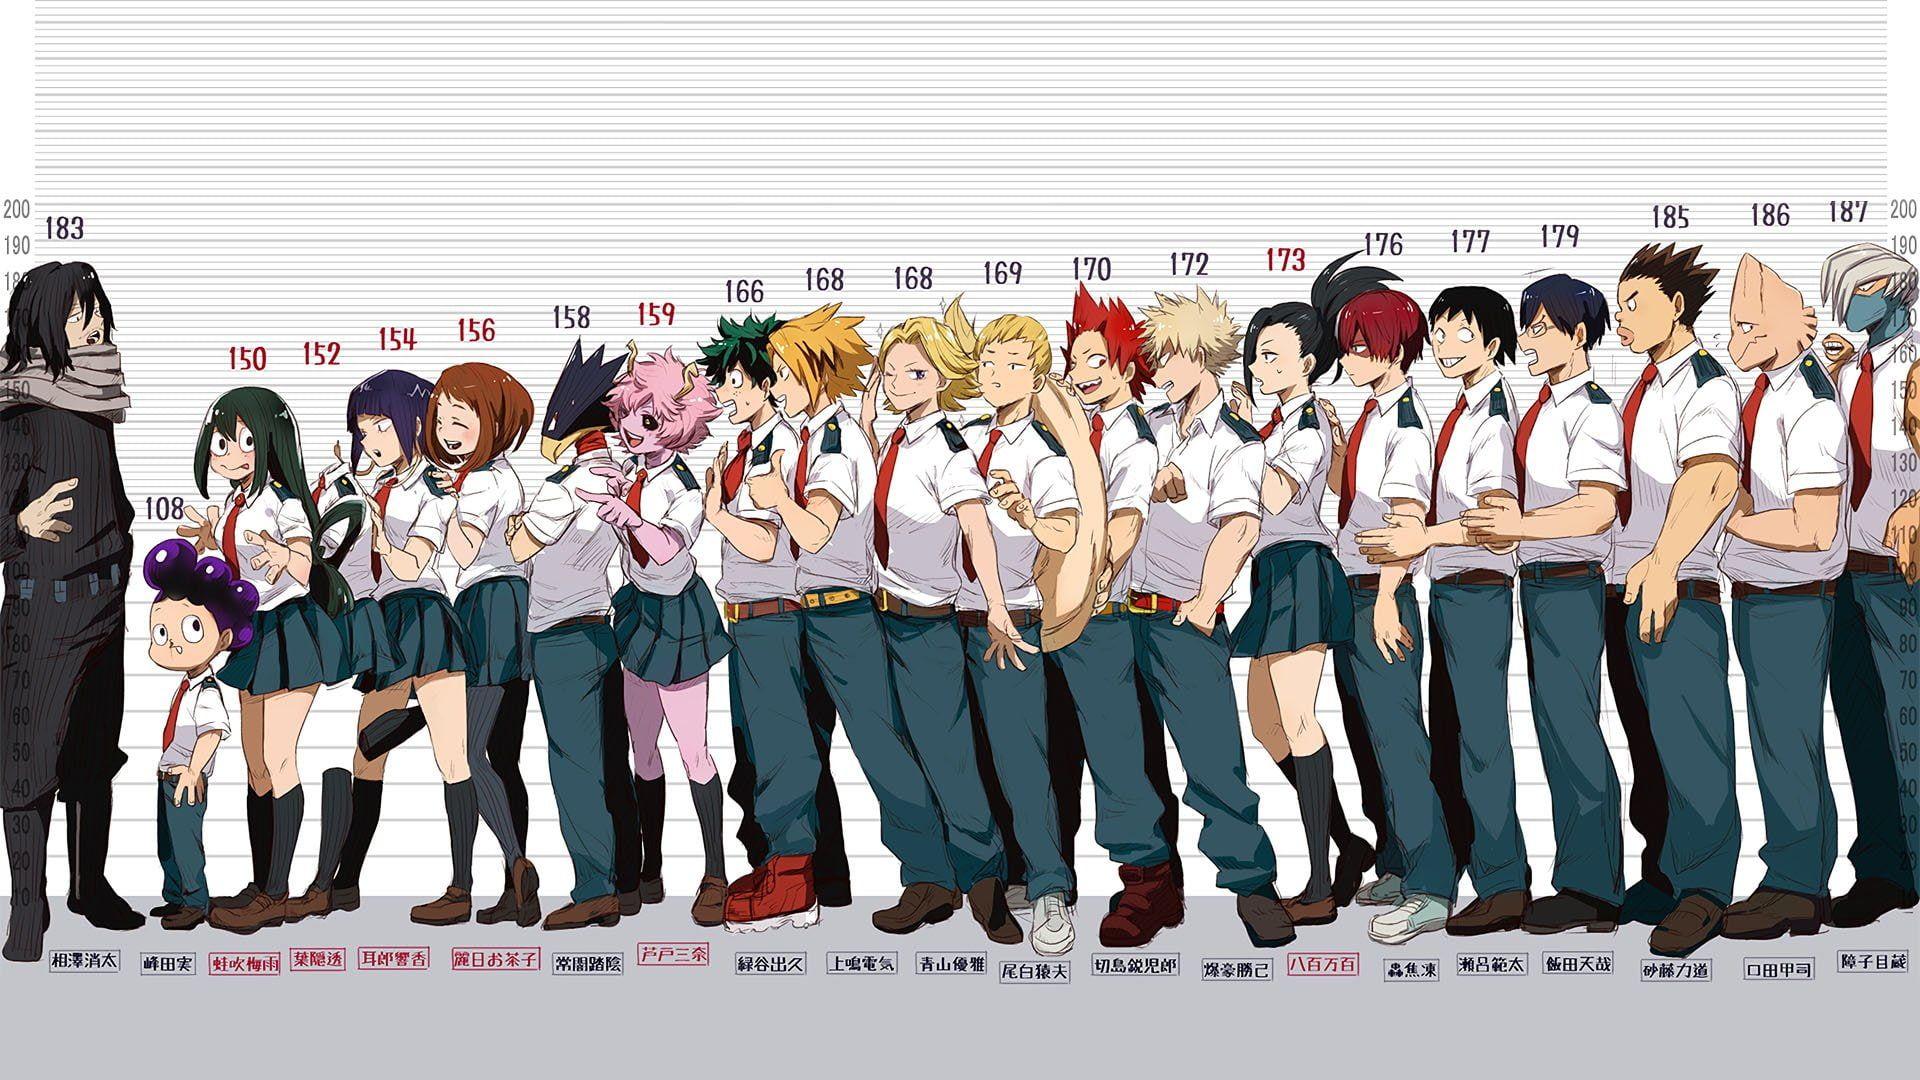 Anime My Hero Academia Boku No Hero Academia Denki Kaminari Eijiro Kirishima Izuku Midoriya Katsuki B My Hero Academia Tsuyu My Hero My Hero Academia Episodes